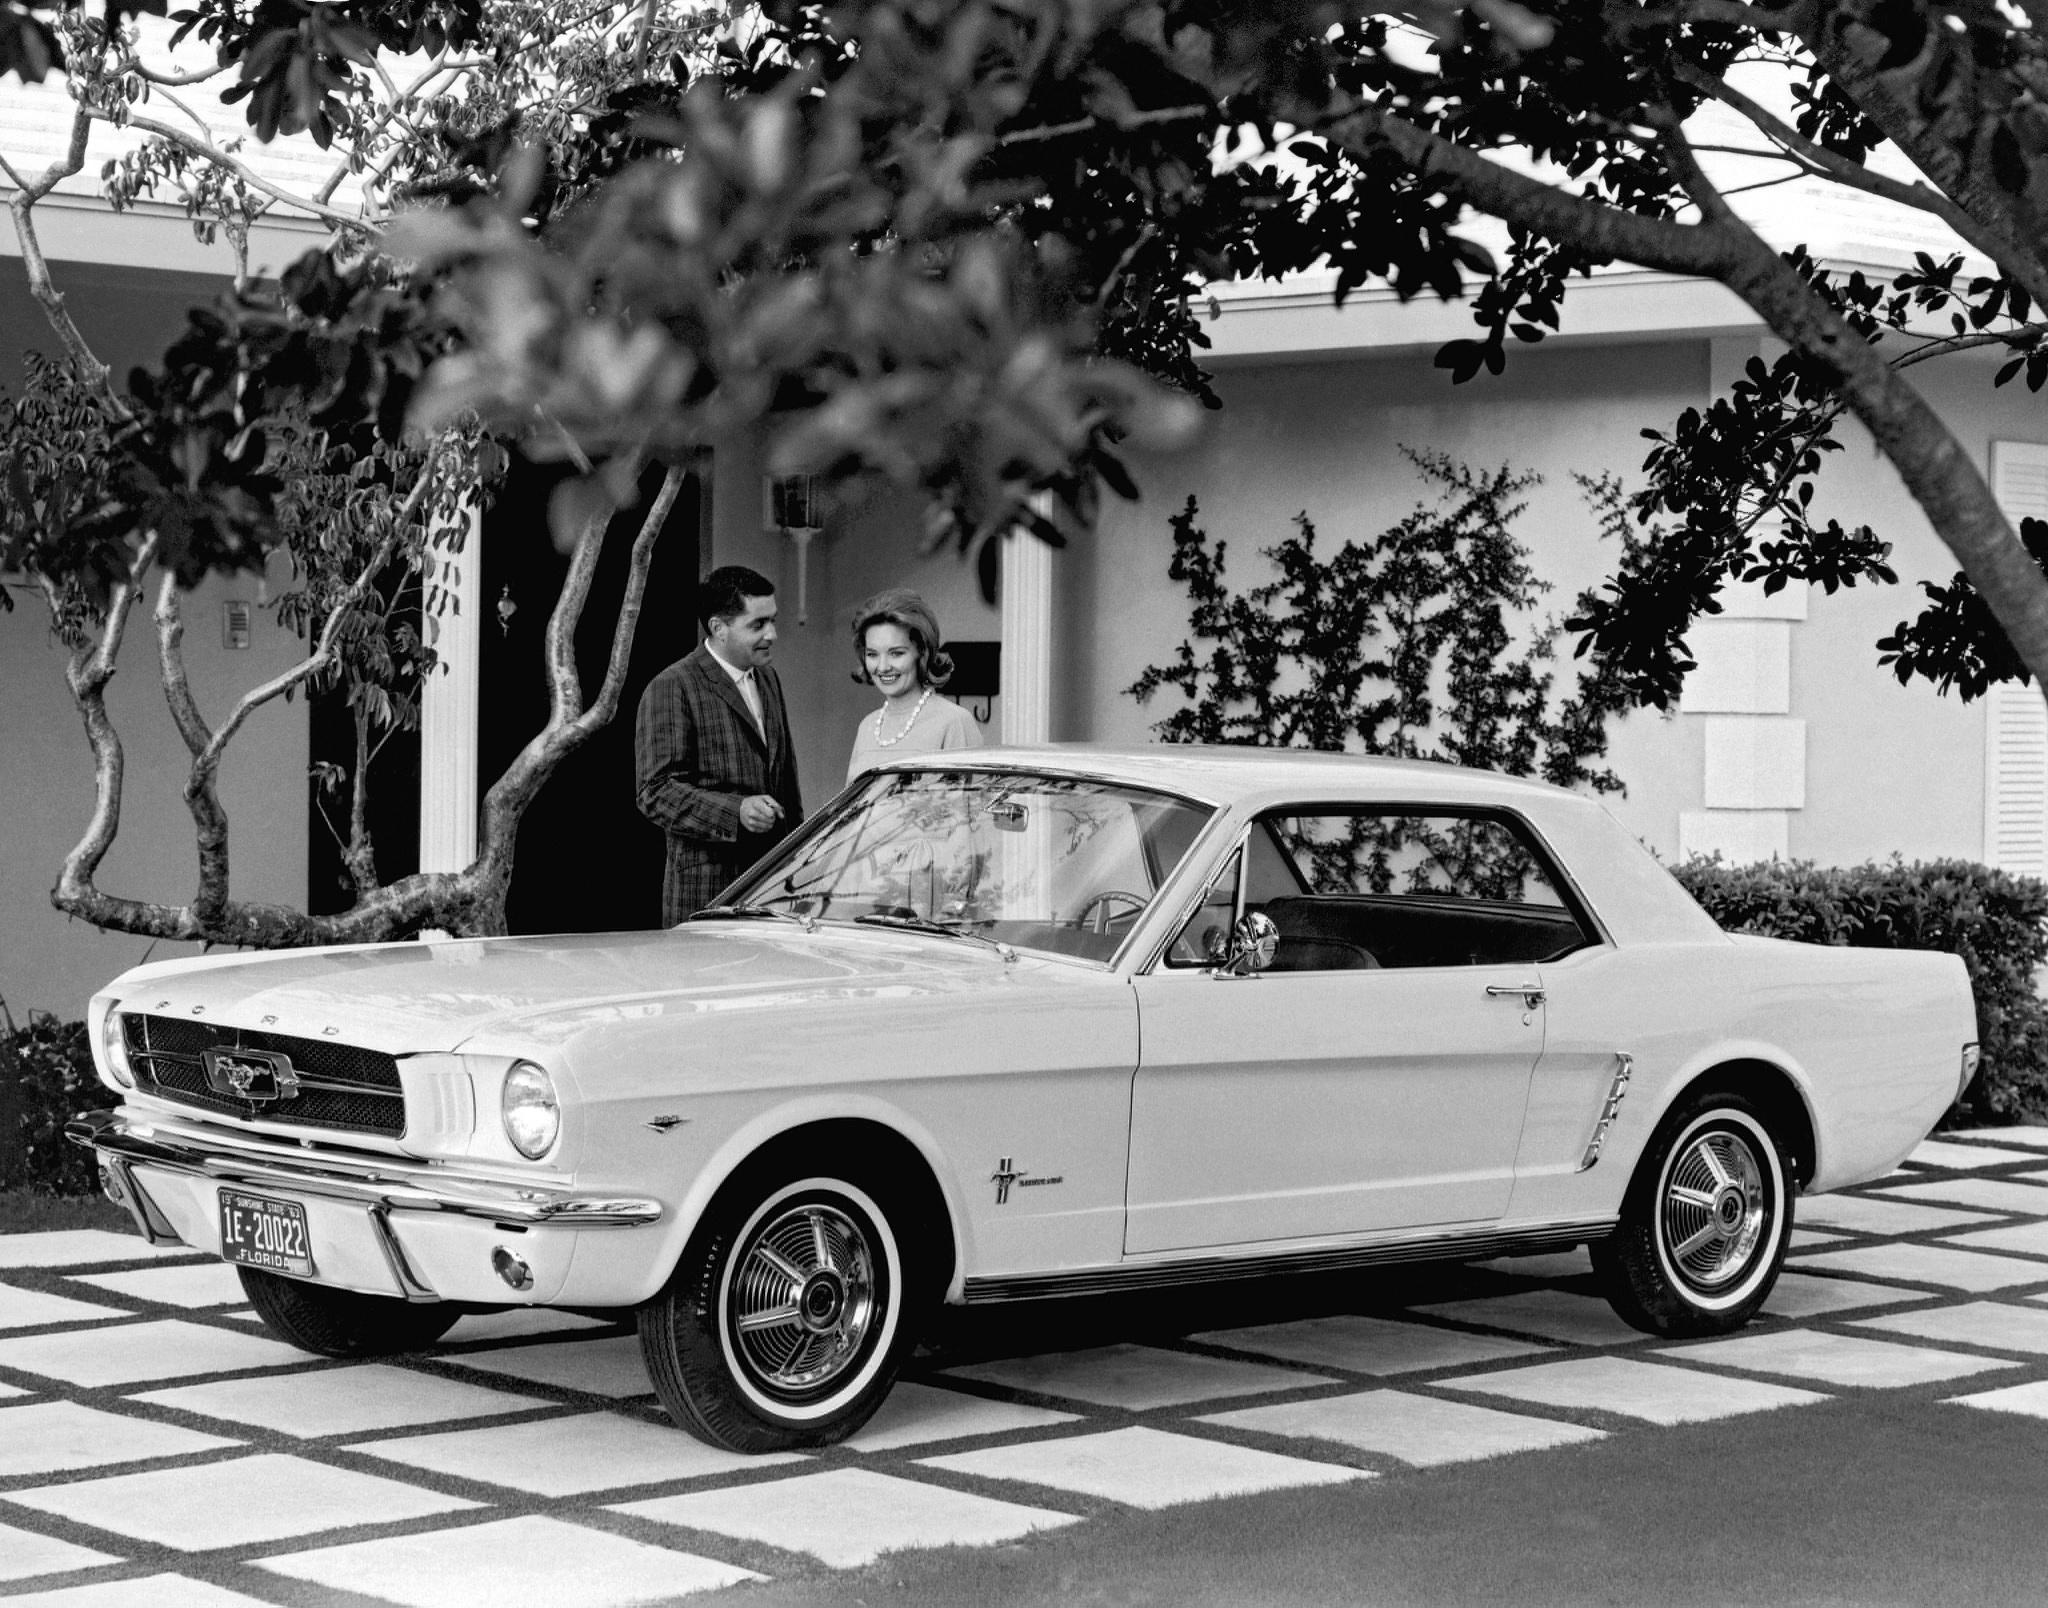 ford mustang coupe 1964 de frente preto e branco